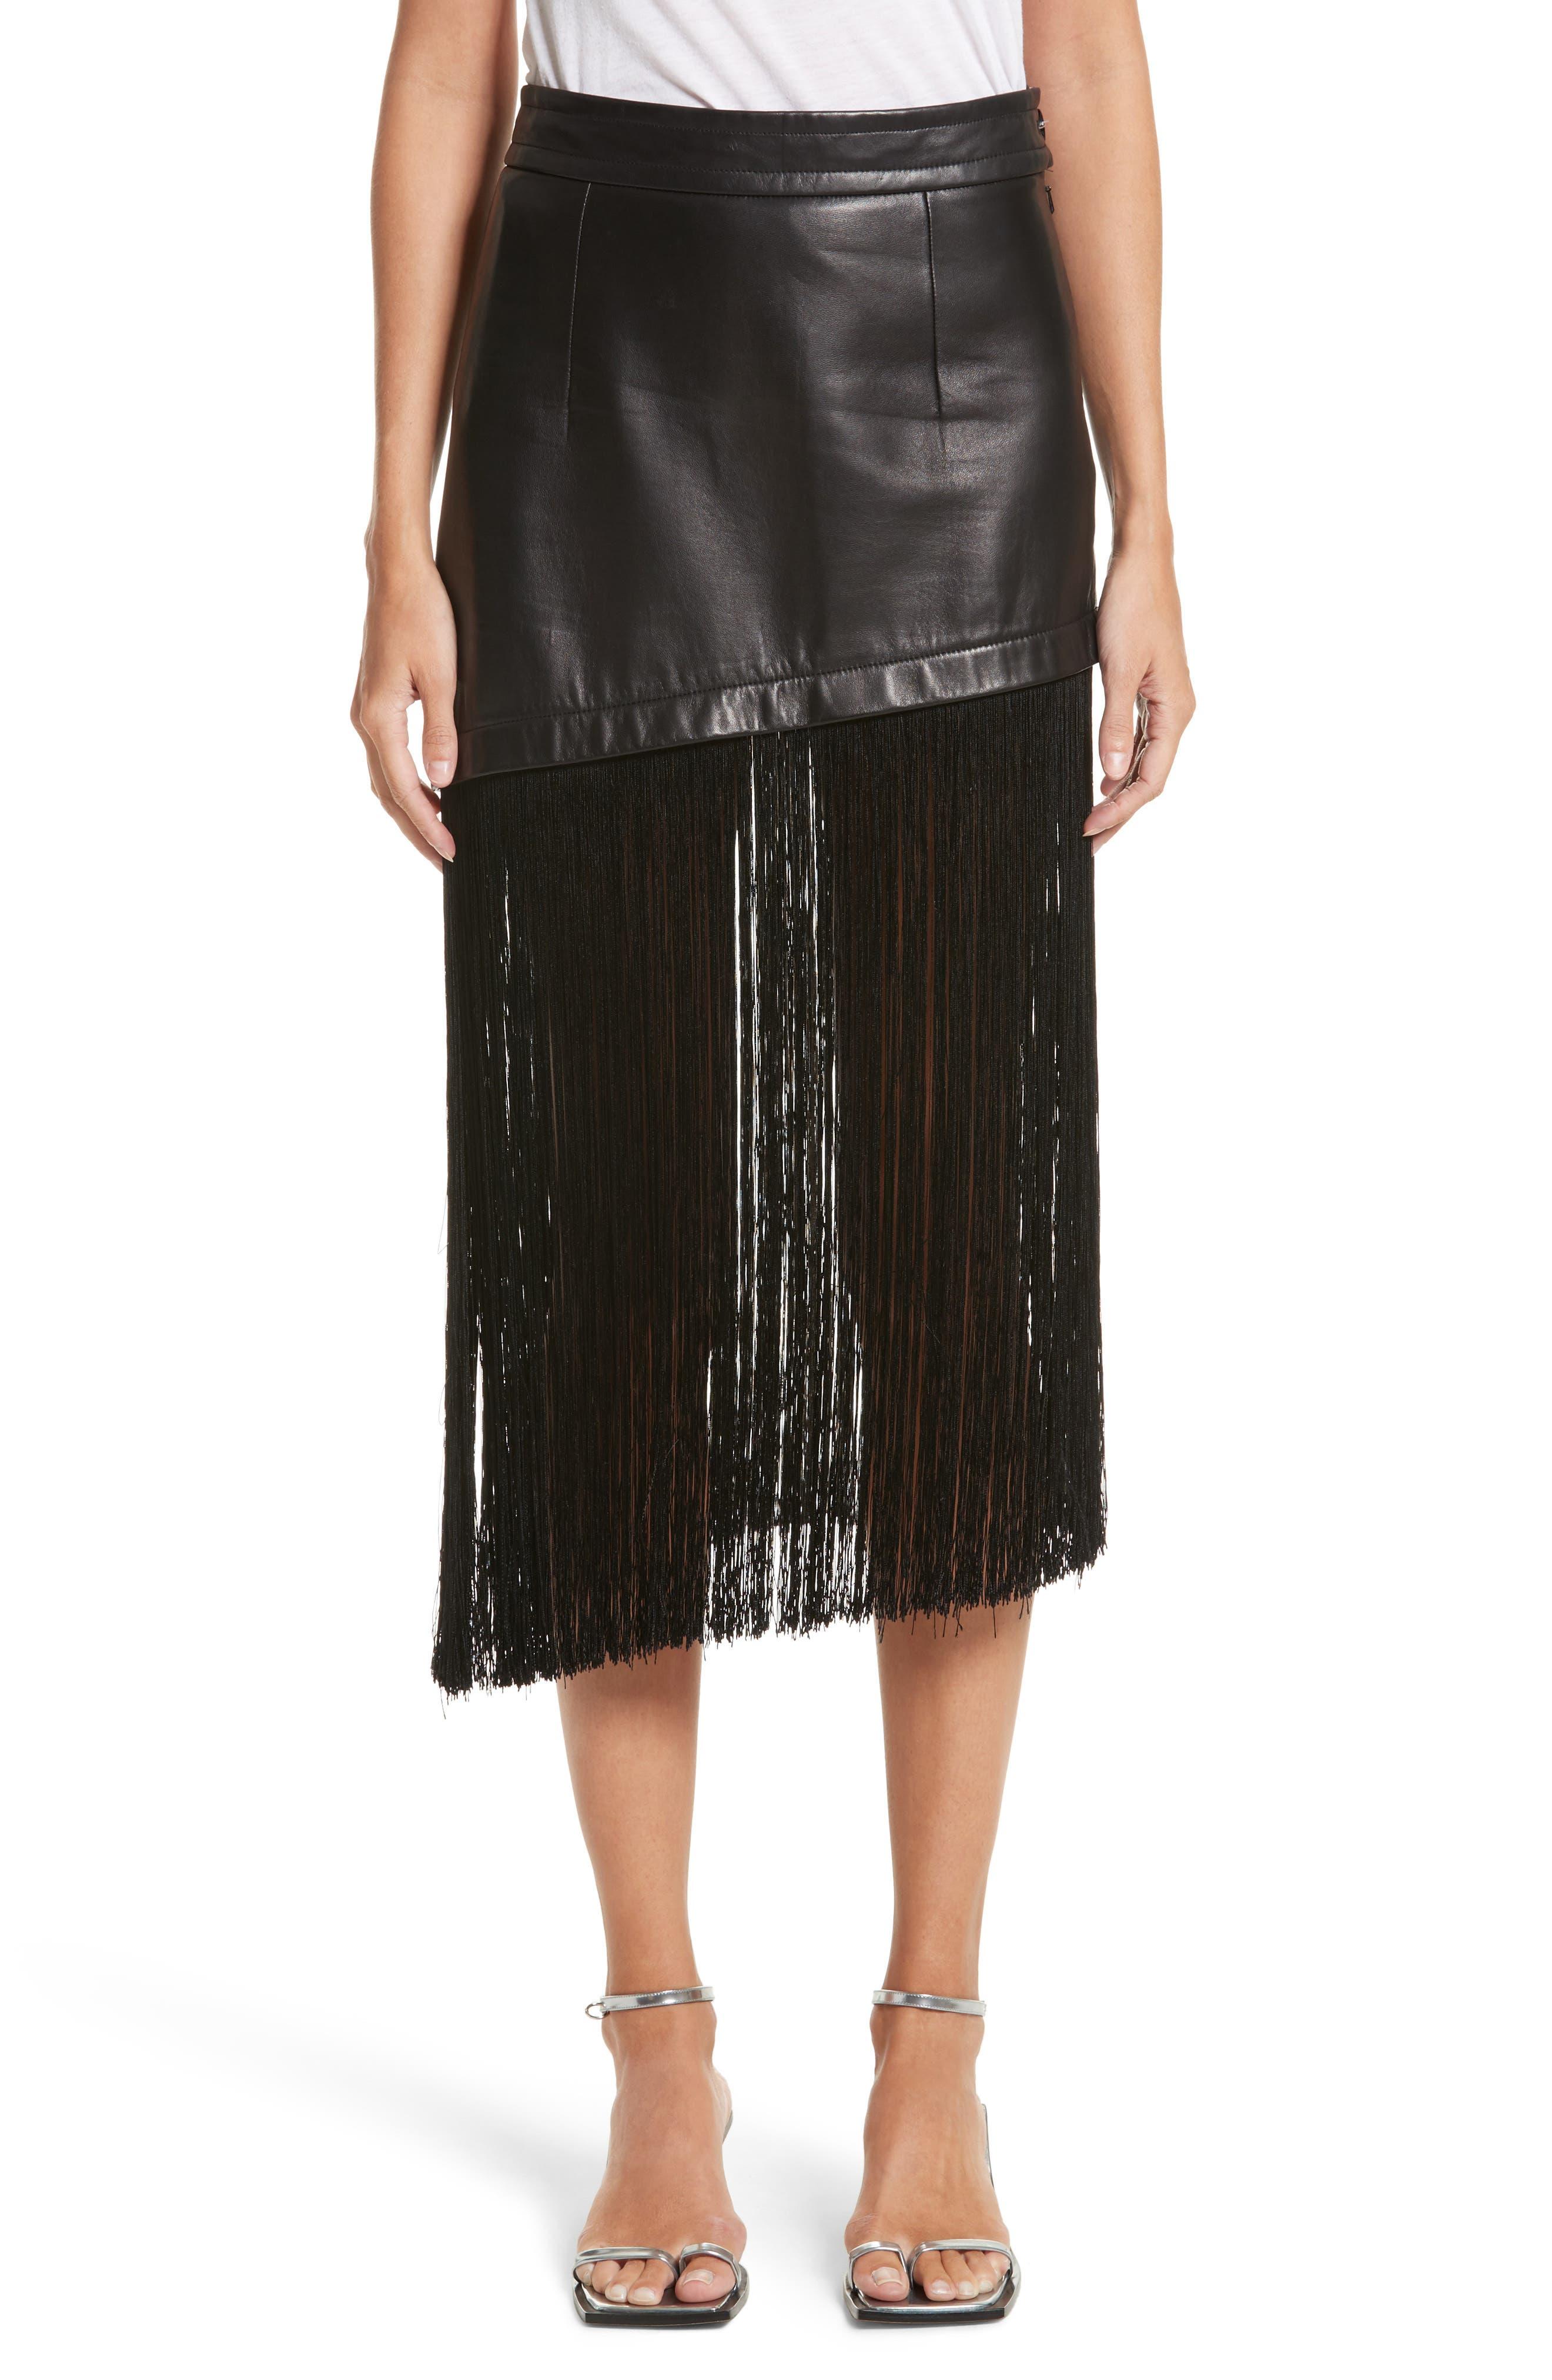 Alternate Image 1 Selected - Helmut Lang Fringe Hem Leather Miniskirt